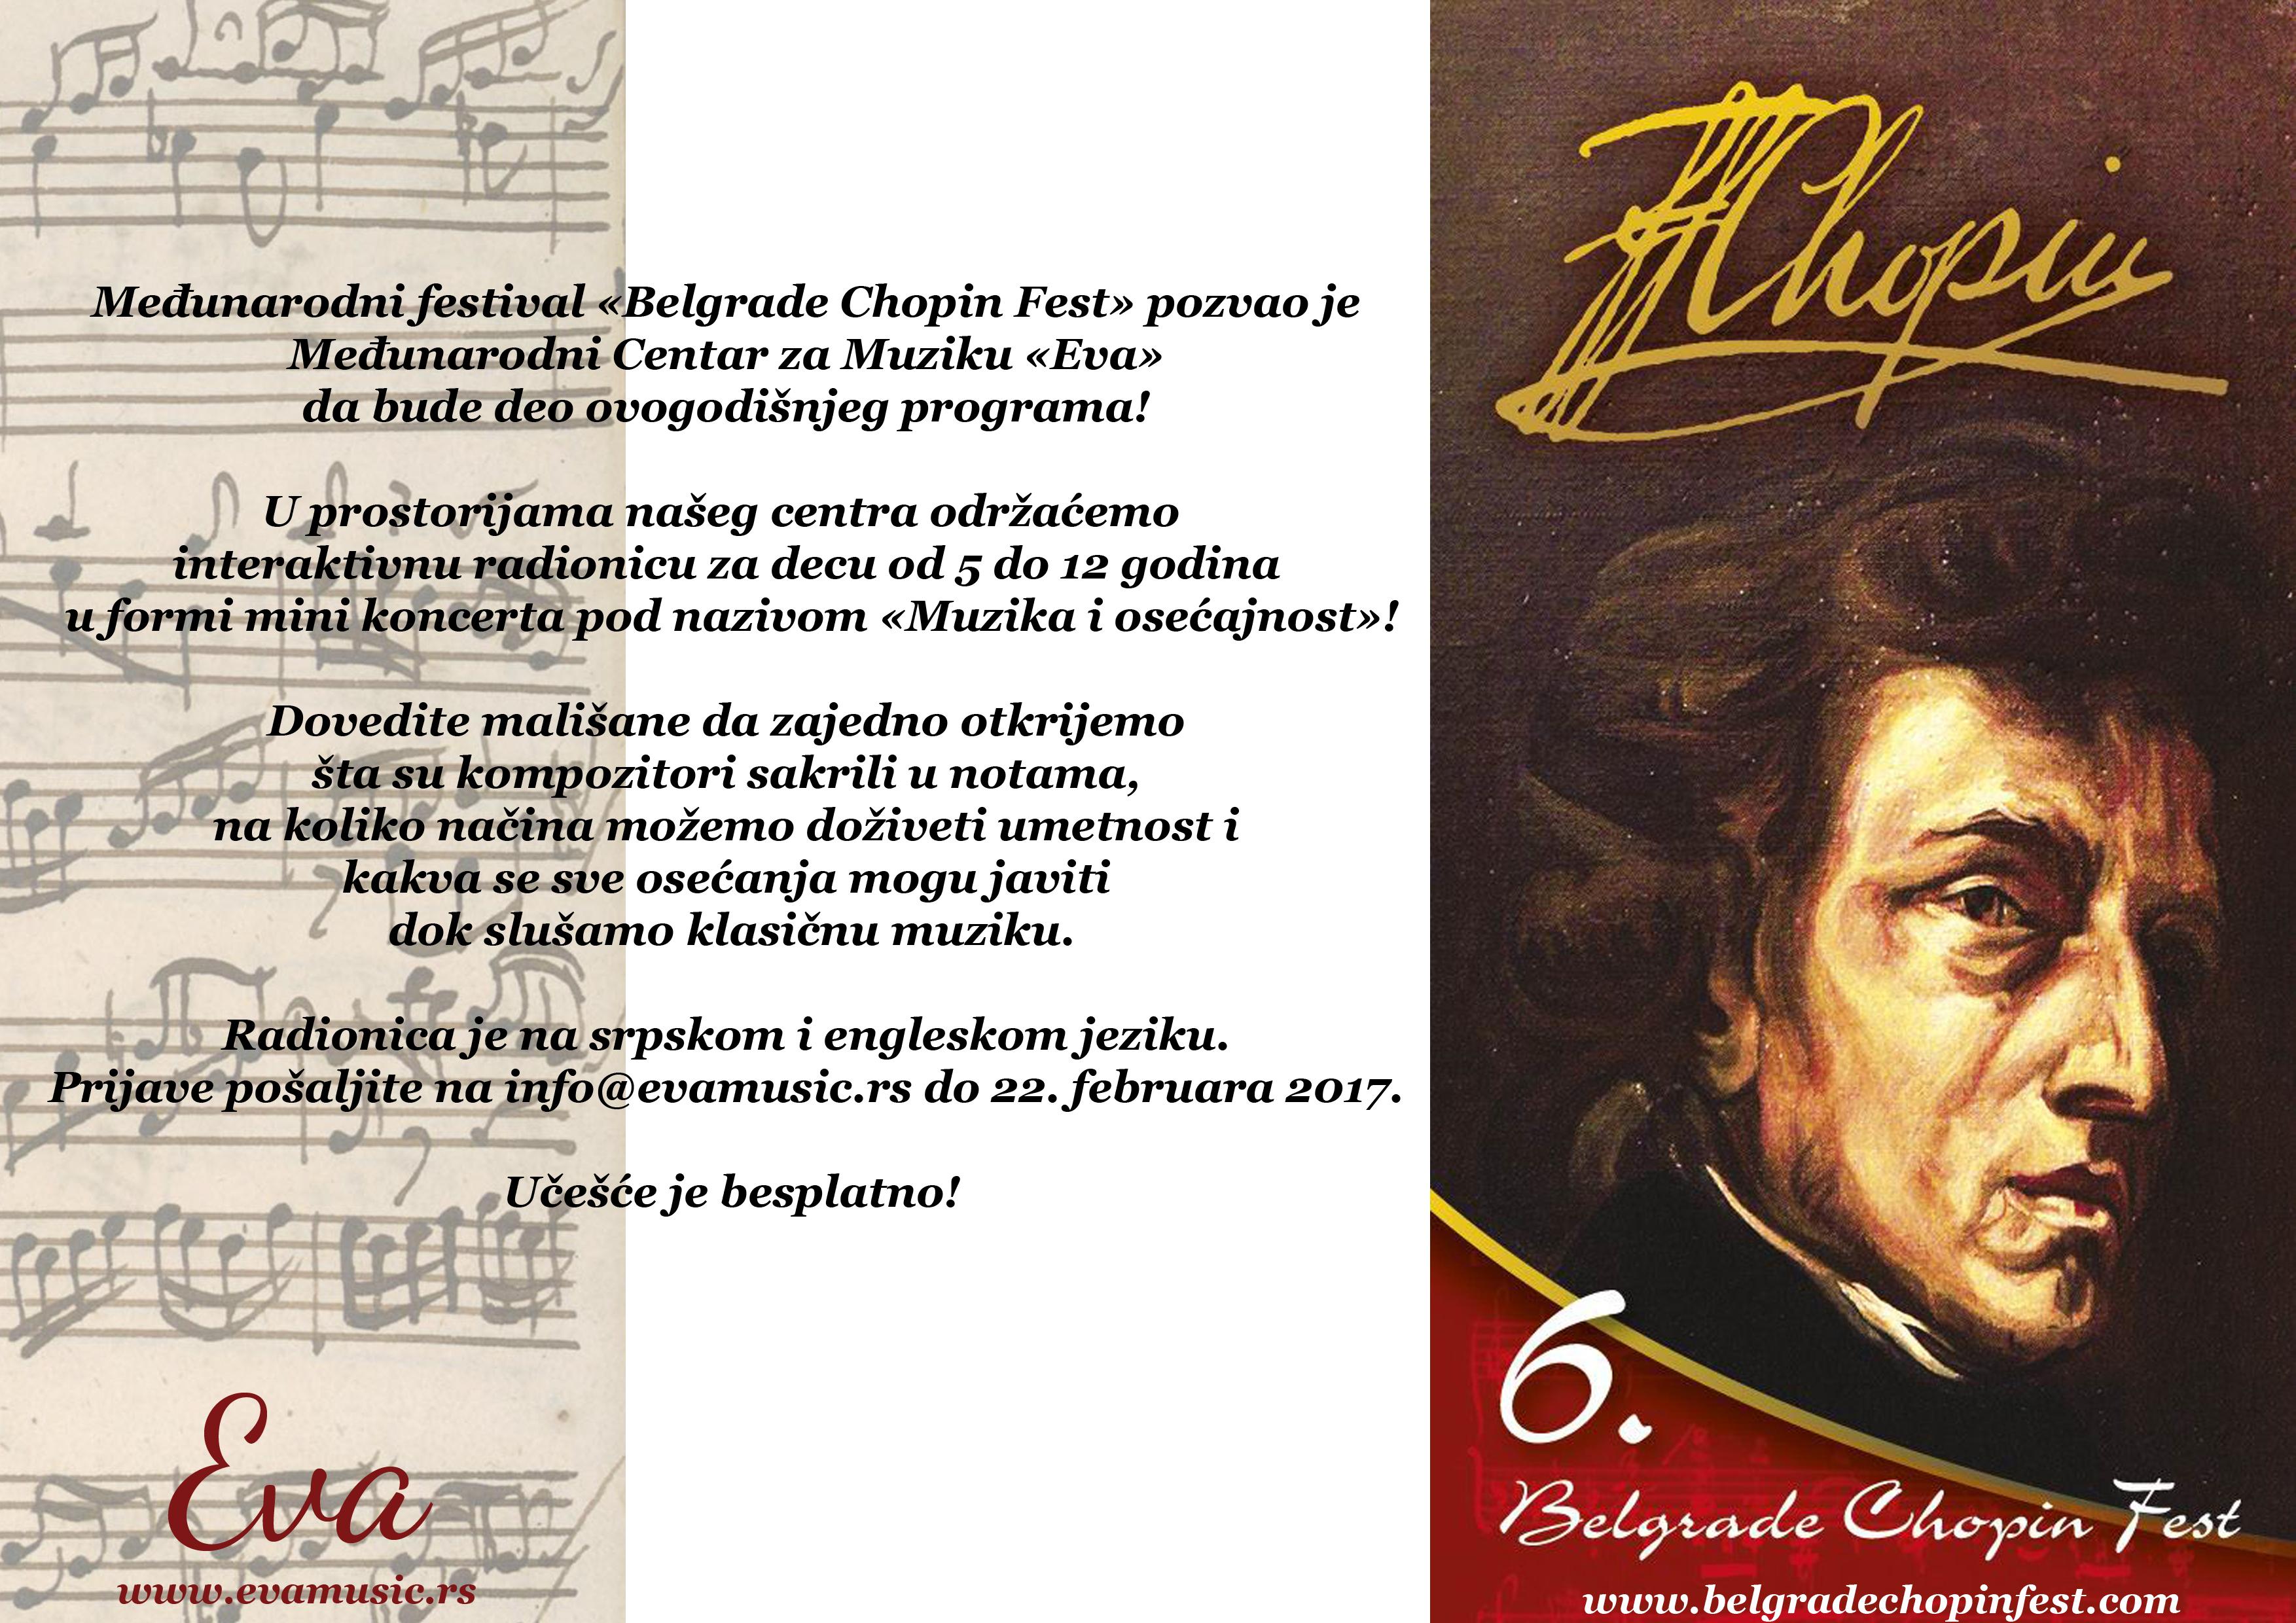 """Međunarodni Centar za Muziku """"Eva"""" deo je 6. Beogradskog Šopen Festa!"""